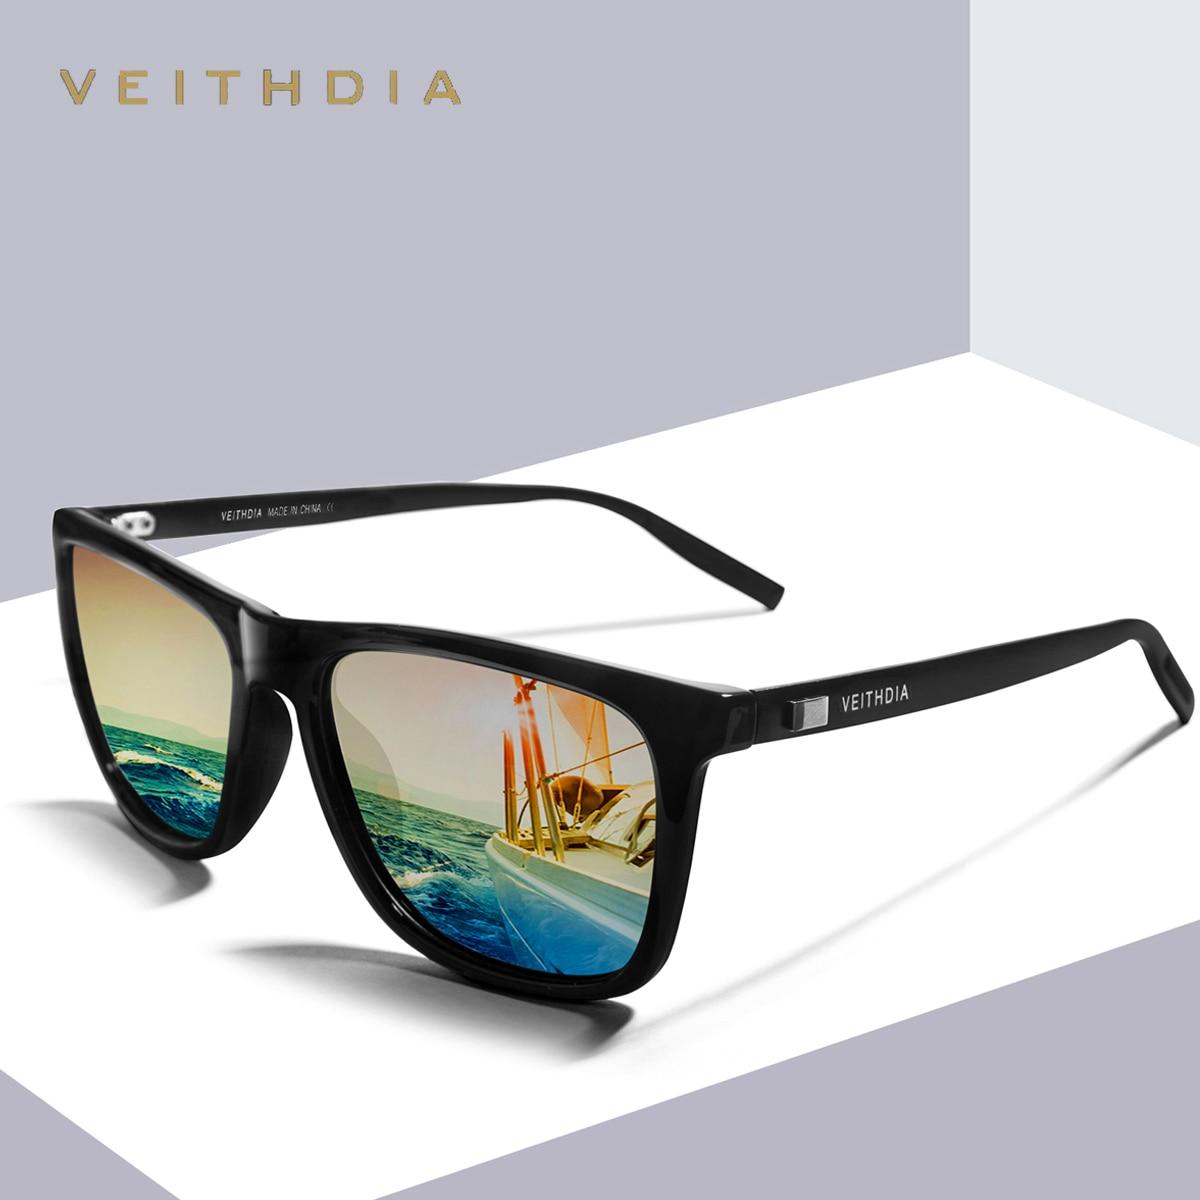 VEITHDIA Brand Unisex Retro Aluminium + TR90 Solglasögon Polariserade Lins Vintage Glasögon Tillbehör Solglasögon För Män / Kvinnor 6108